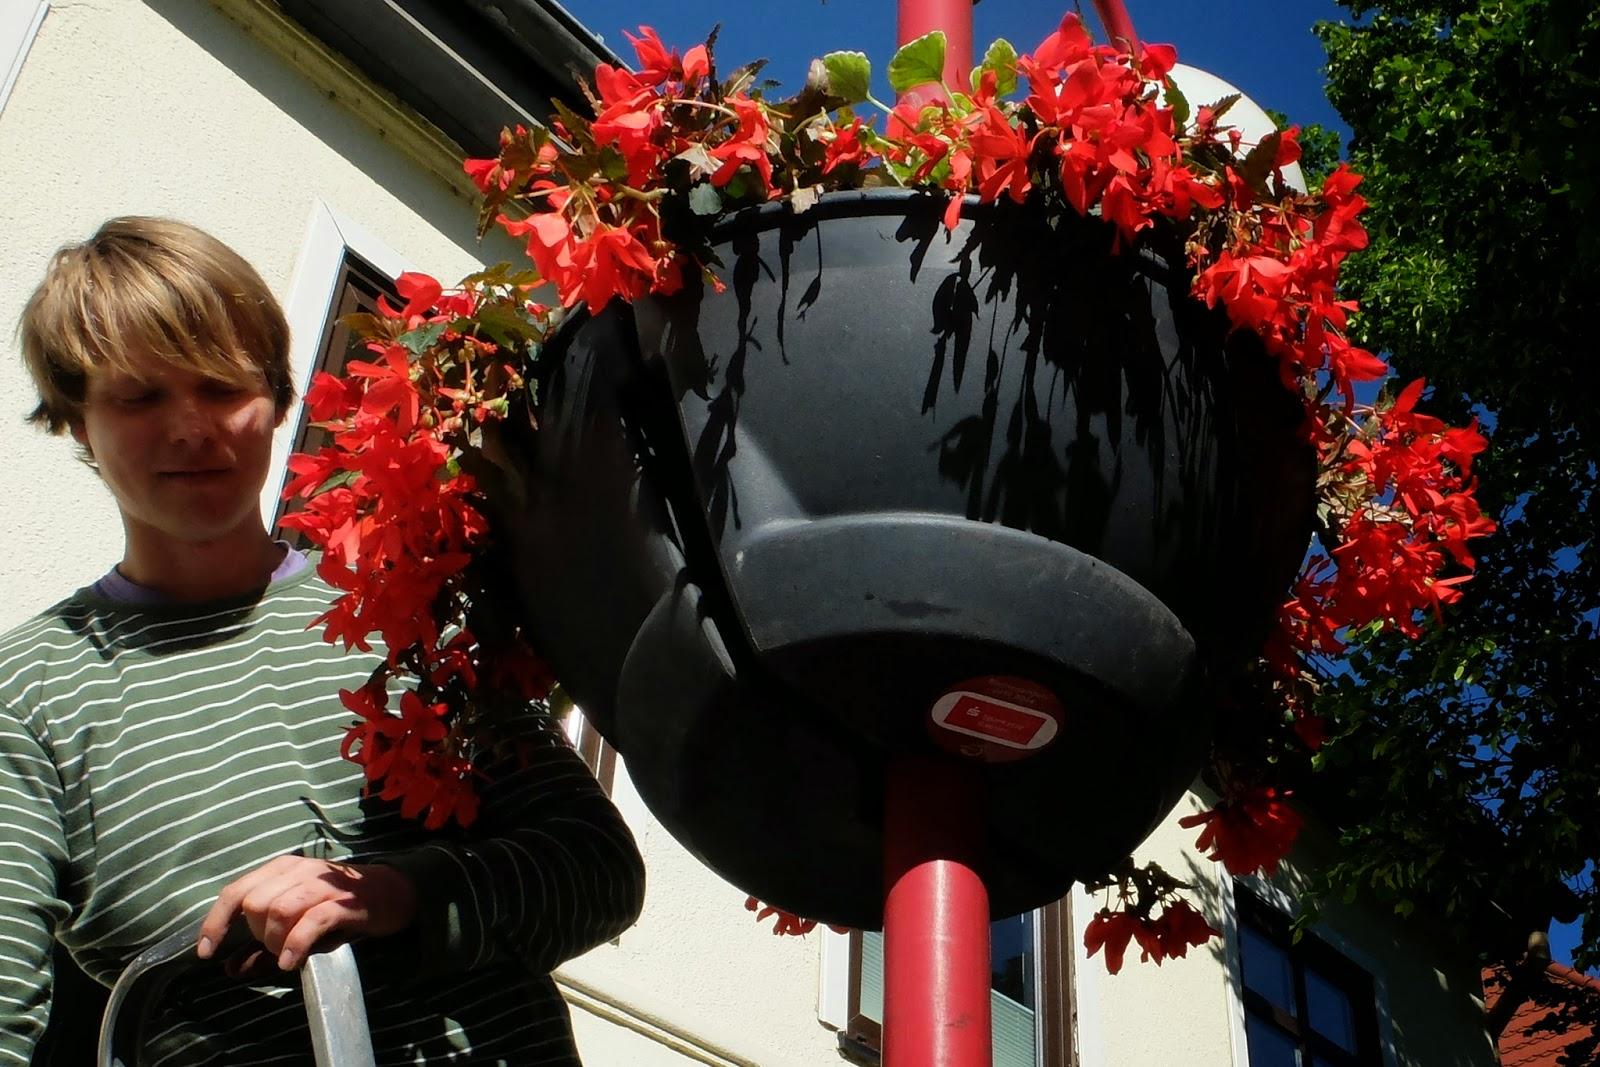 Bernau wieder ein bisschen hübscher - Neue Blumenampeln in der Bernauer Innenstadt...